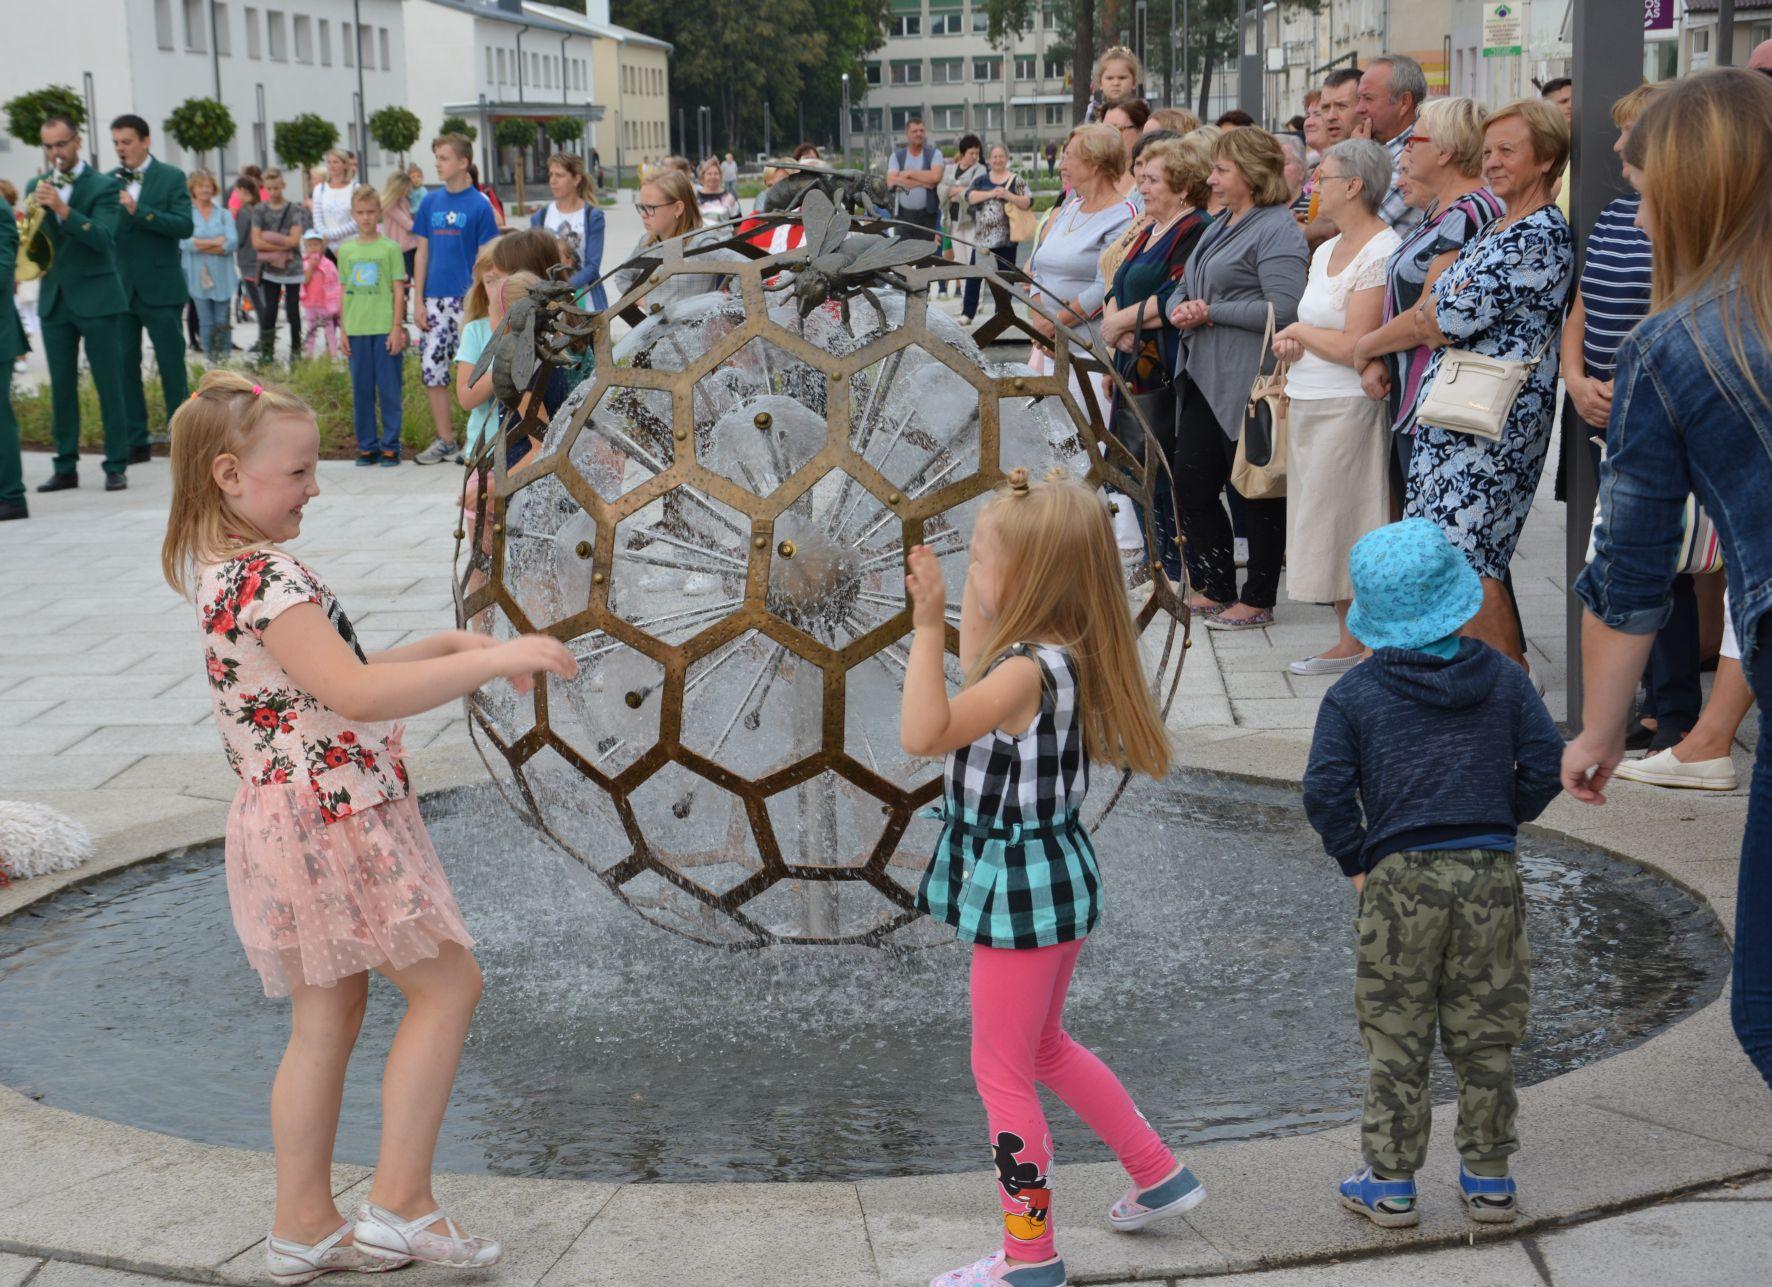 Atnaujintoje Varėnos centrinėje pėsčiųjų gatvėje – krašto simbolikos akcentai